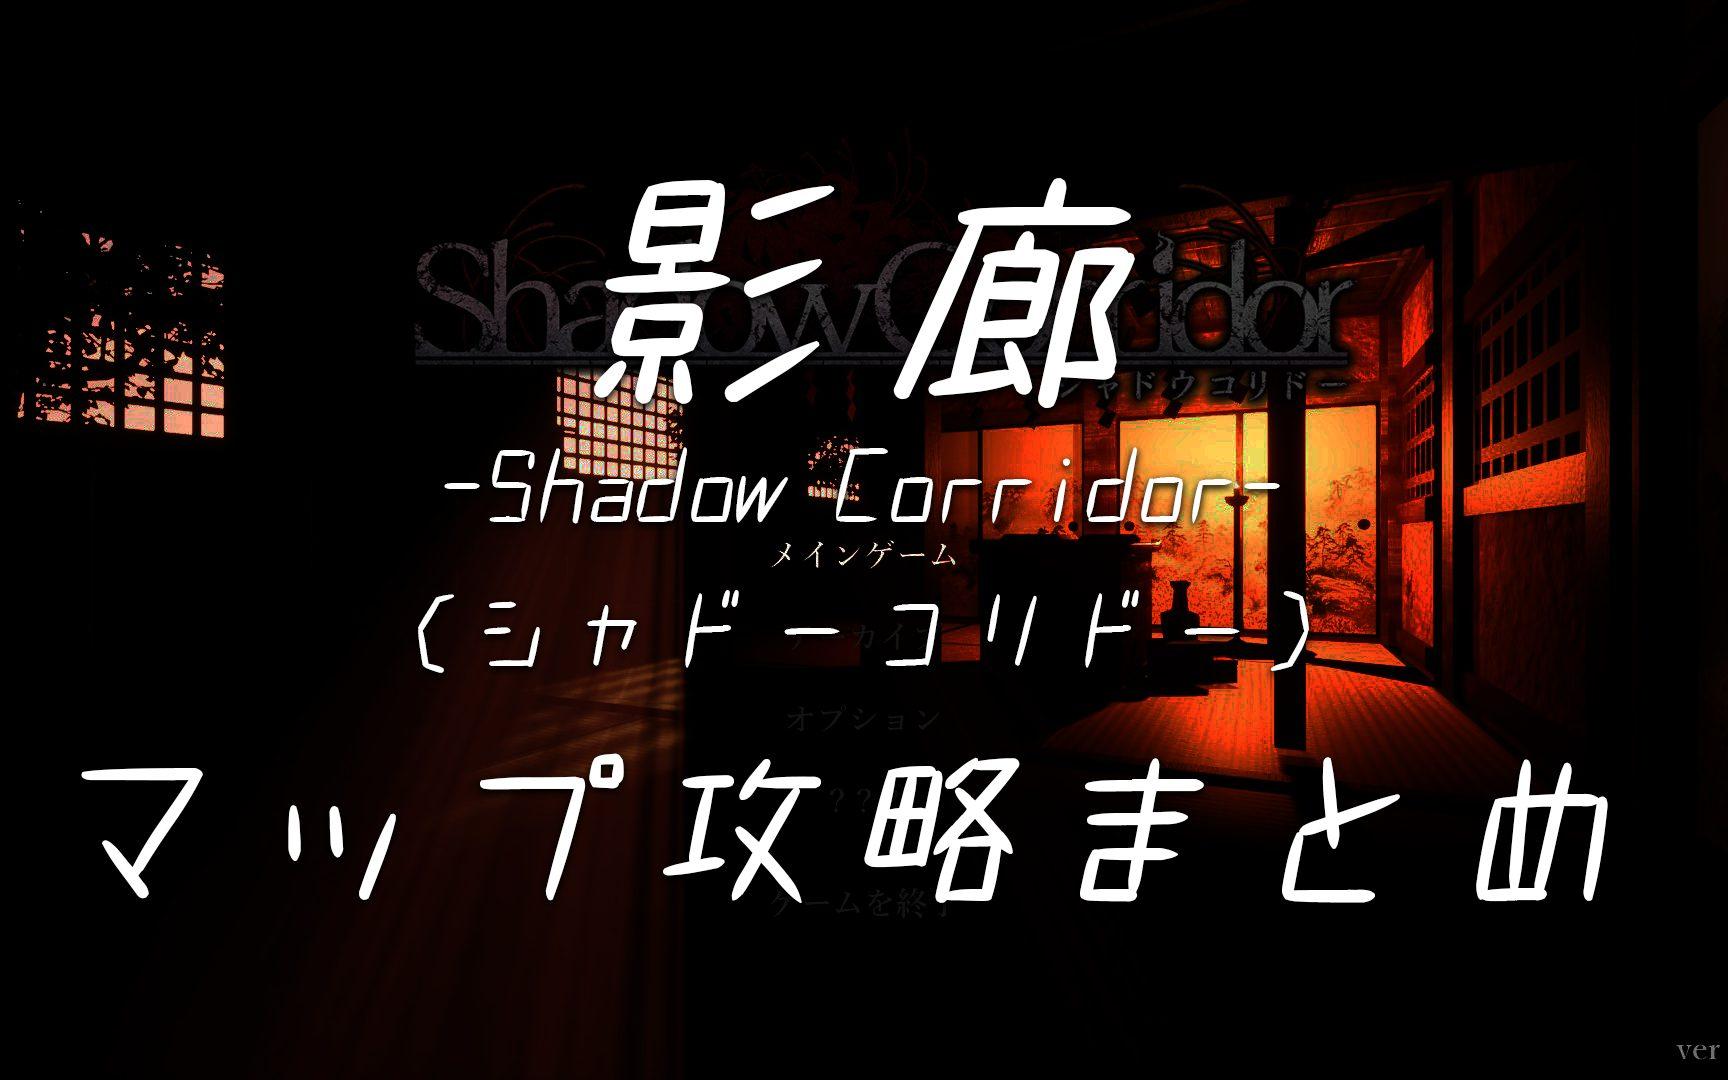 シャドー コリドー 攻略 影廊 -Shadow Corridor-